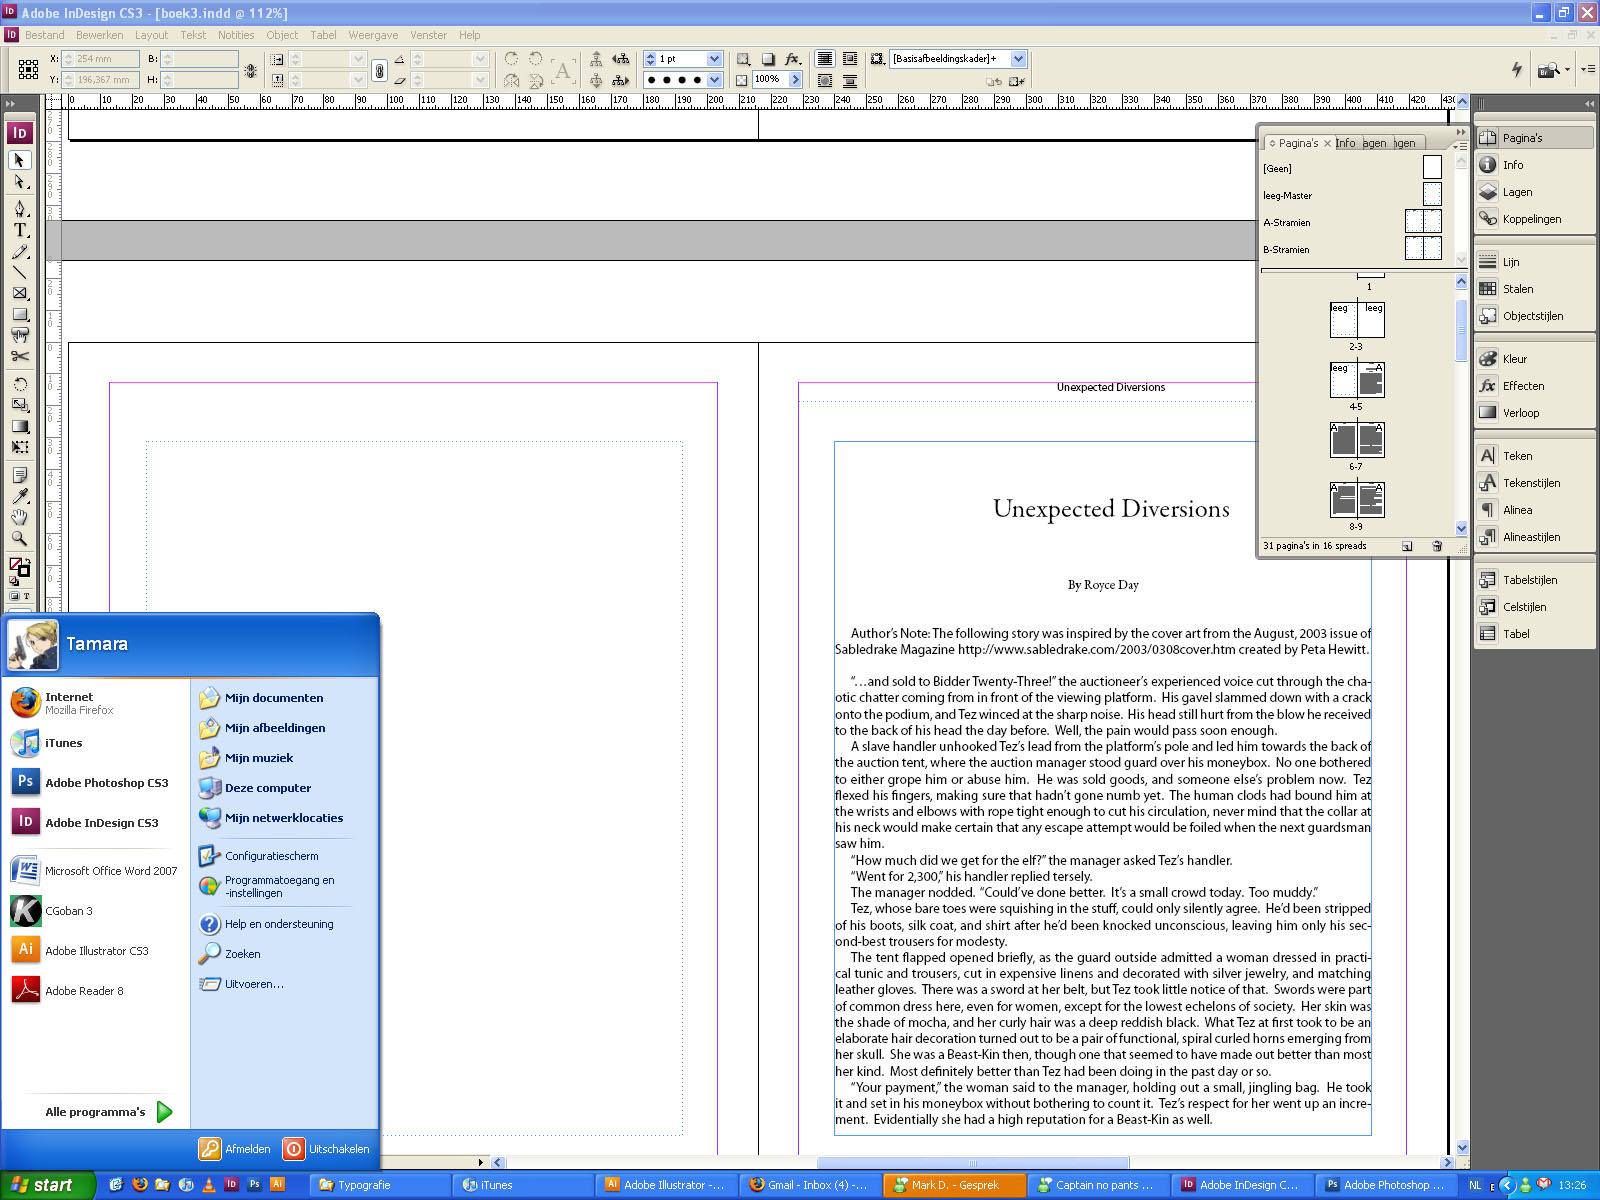 les1_tamara_workflow1.jpg